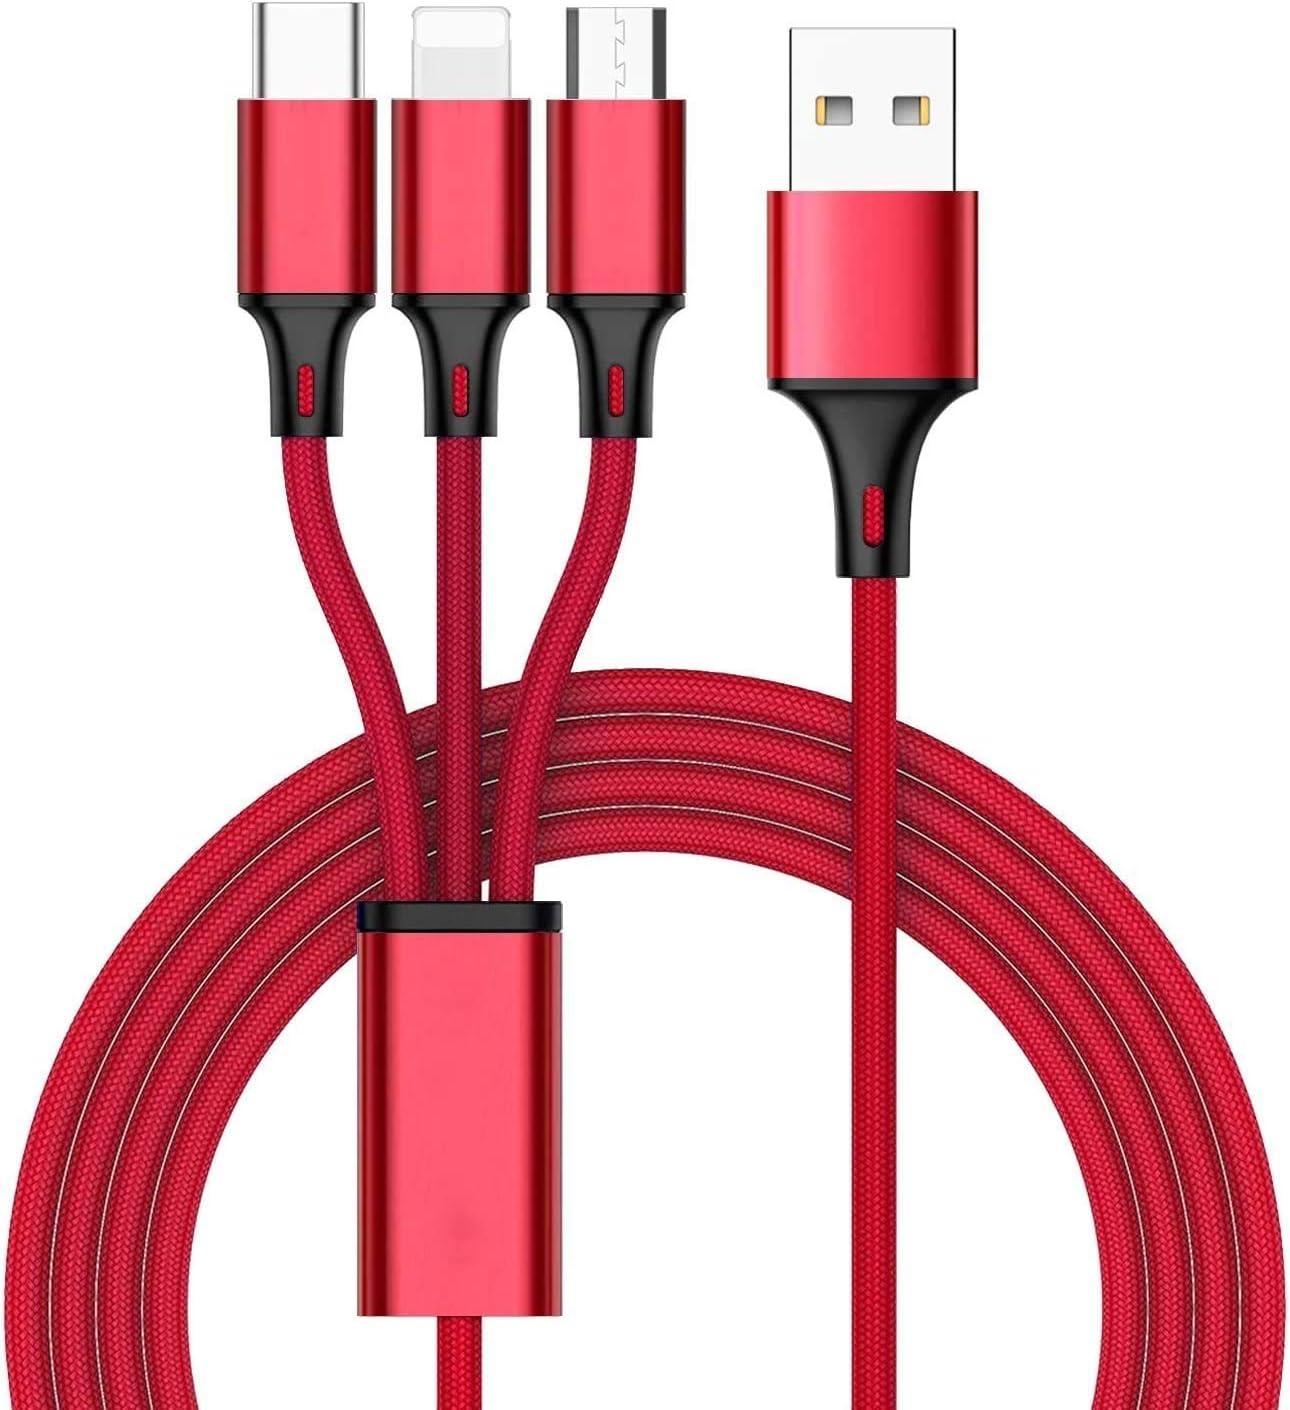 ZKAPOR 3 en 1 Multi Cable de Carga, Nylon Multi USB Cargador Cable Múltiples Micro USB Tipo C Compatible con Galaxy S10/S9/S8/S7/S6, Huawei P30/P20, Xiaomi Redmi Note 7/Mi A3/A2/A1 - Rojo